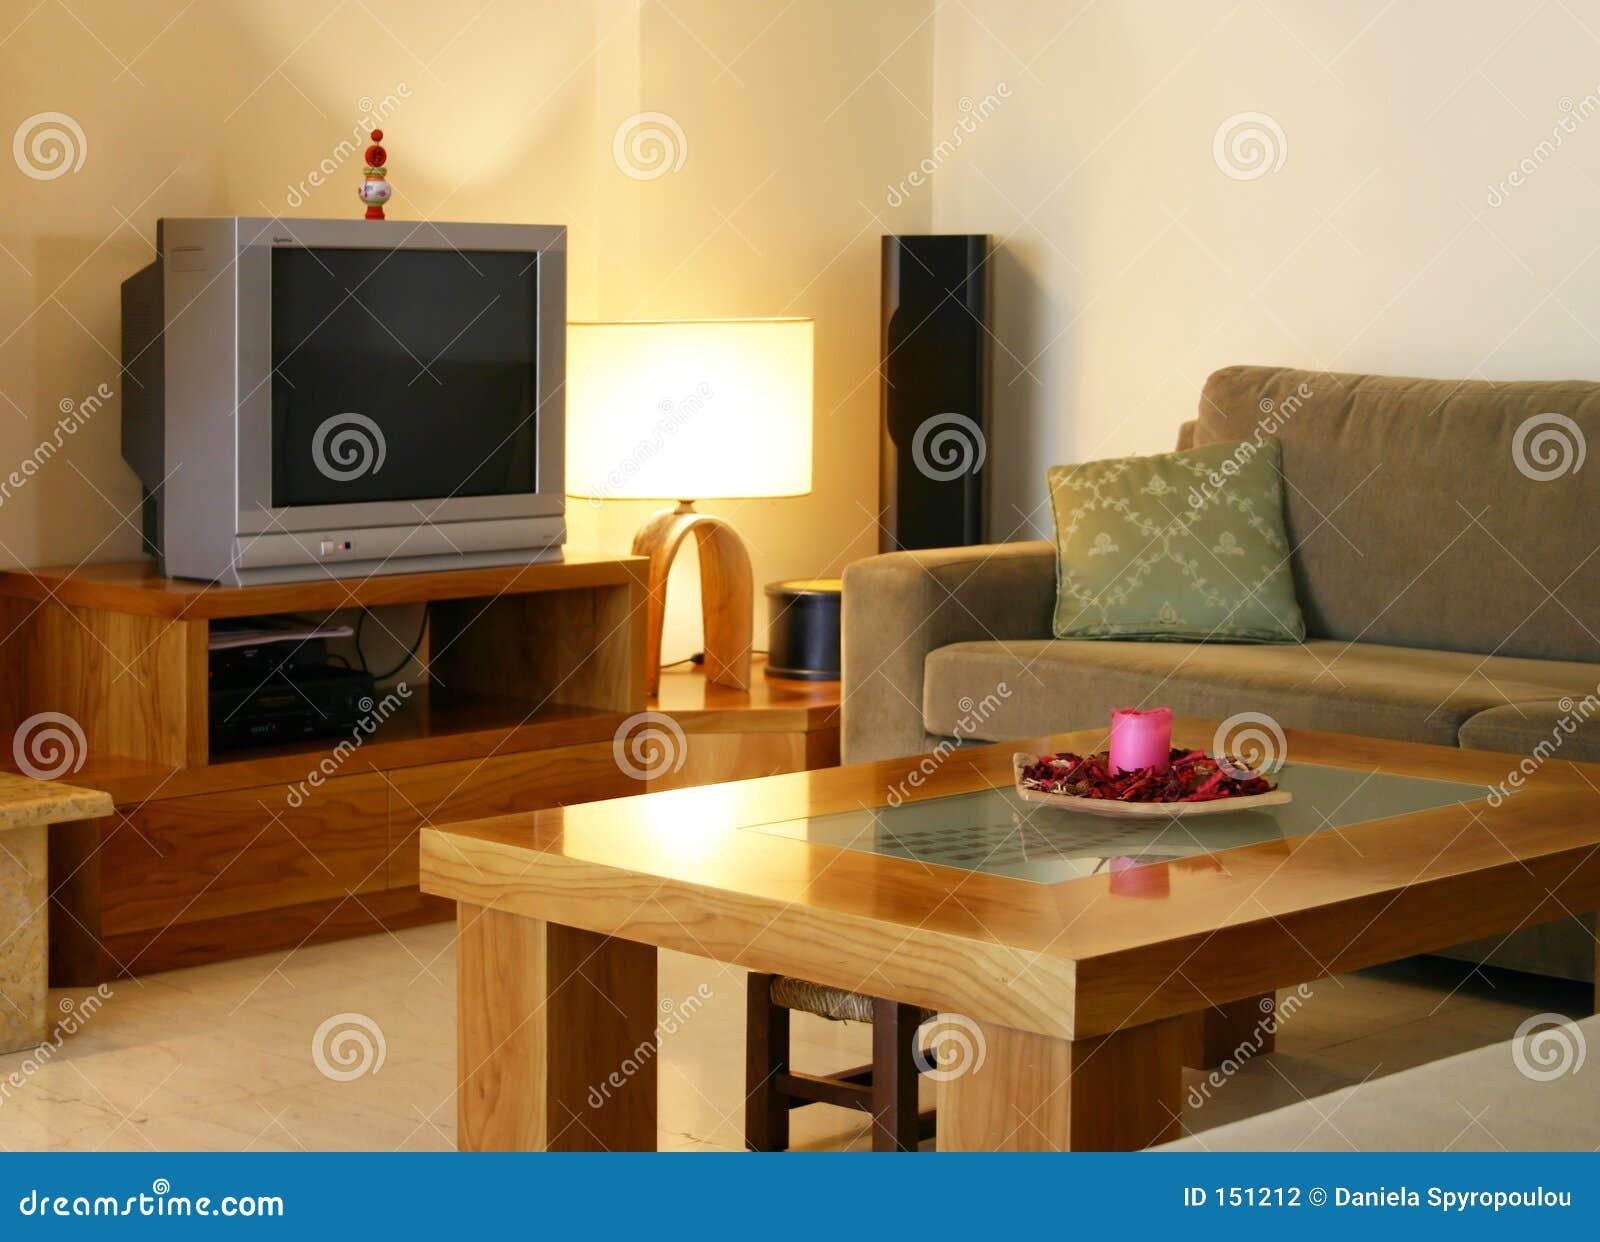 Diseño interior casero